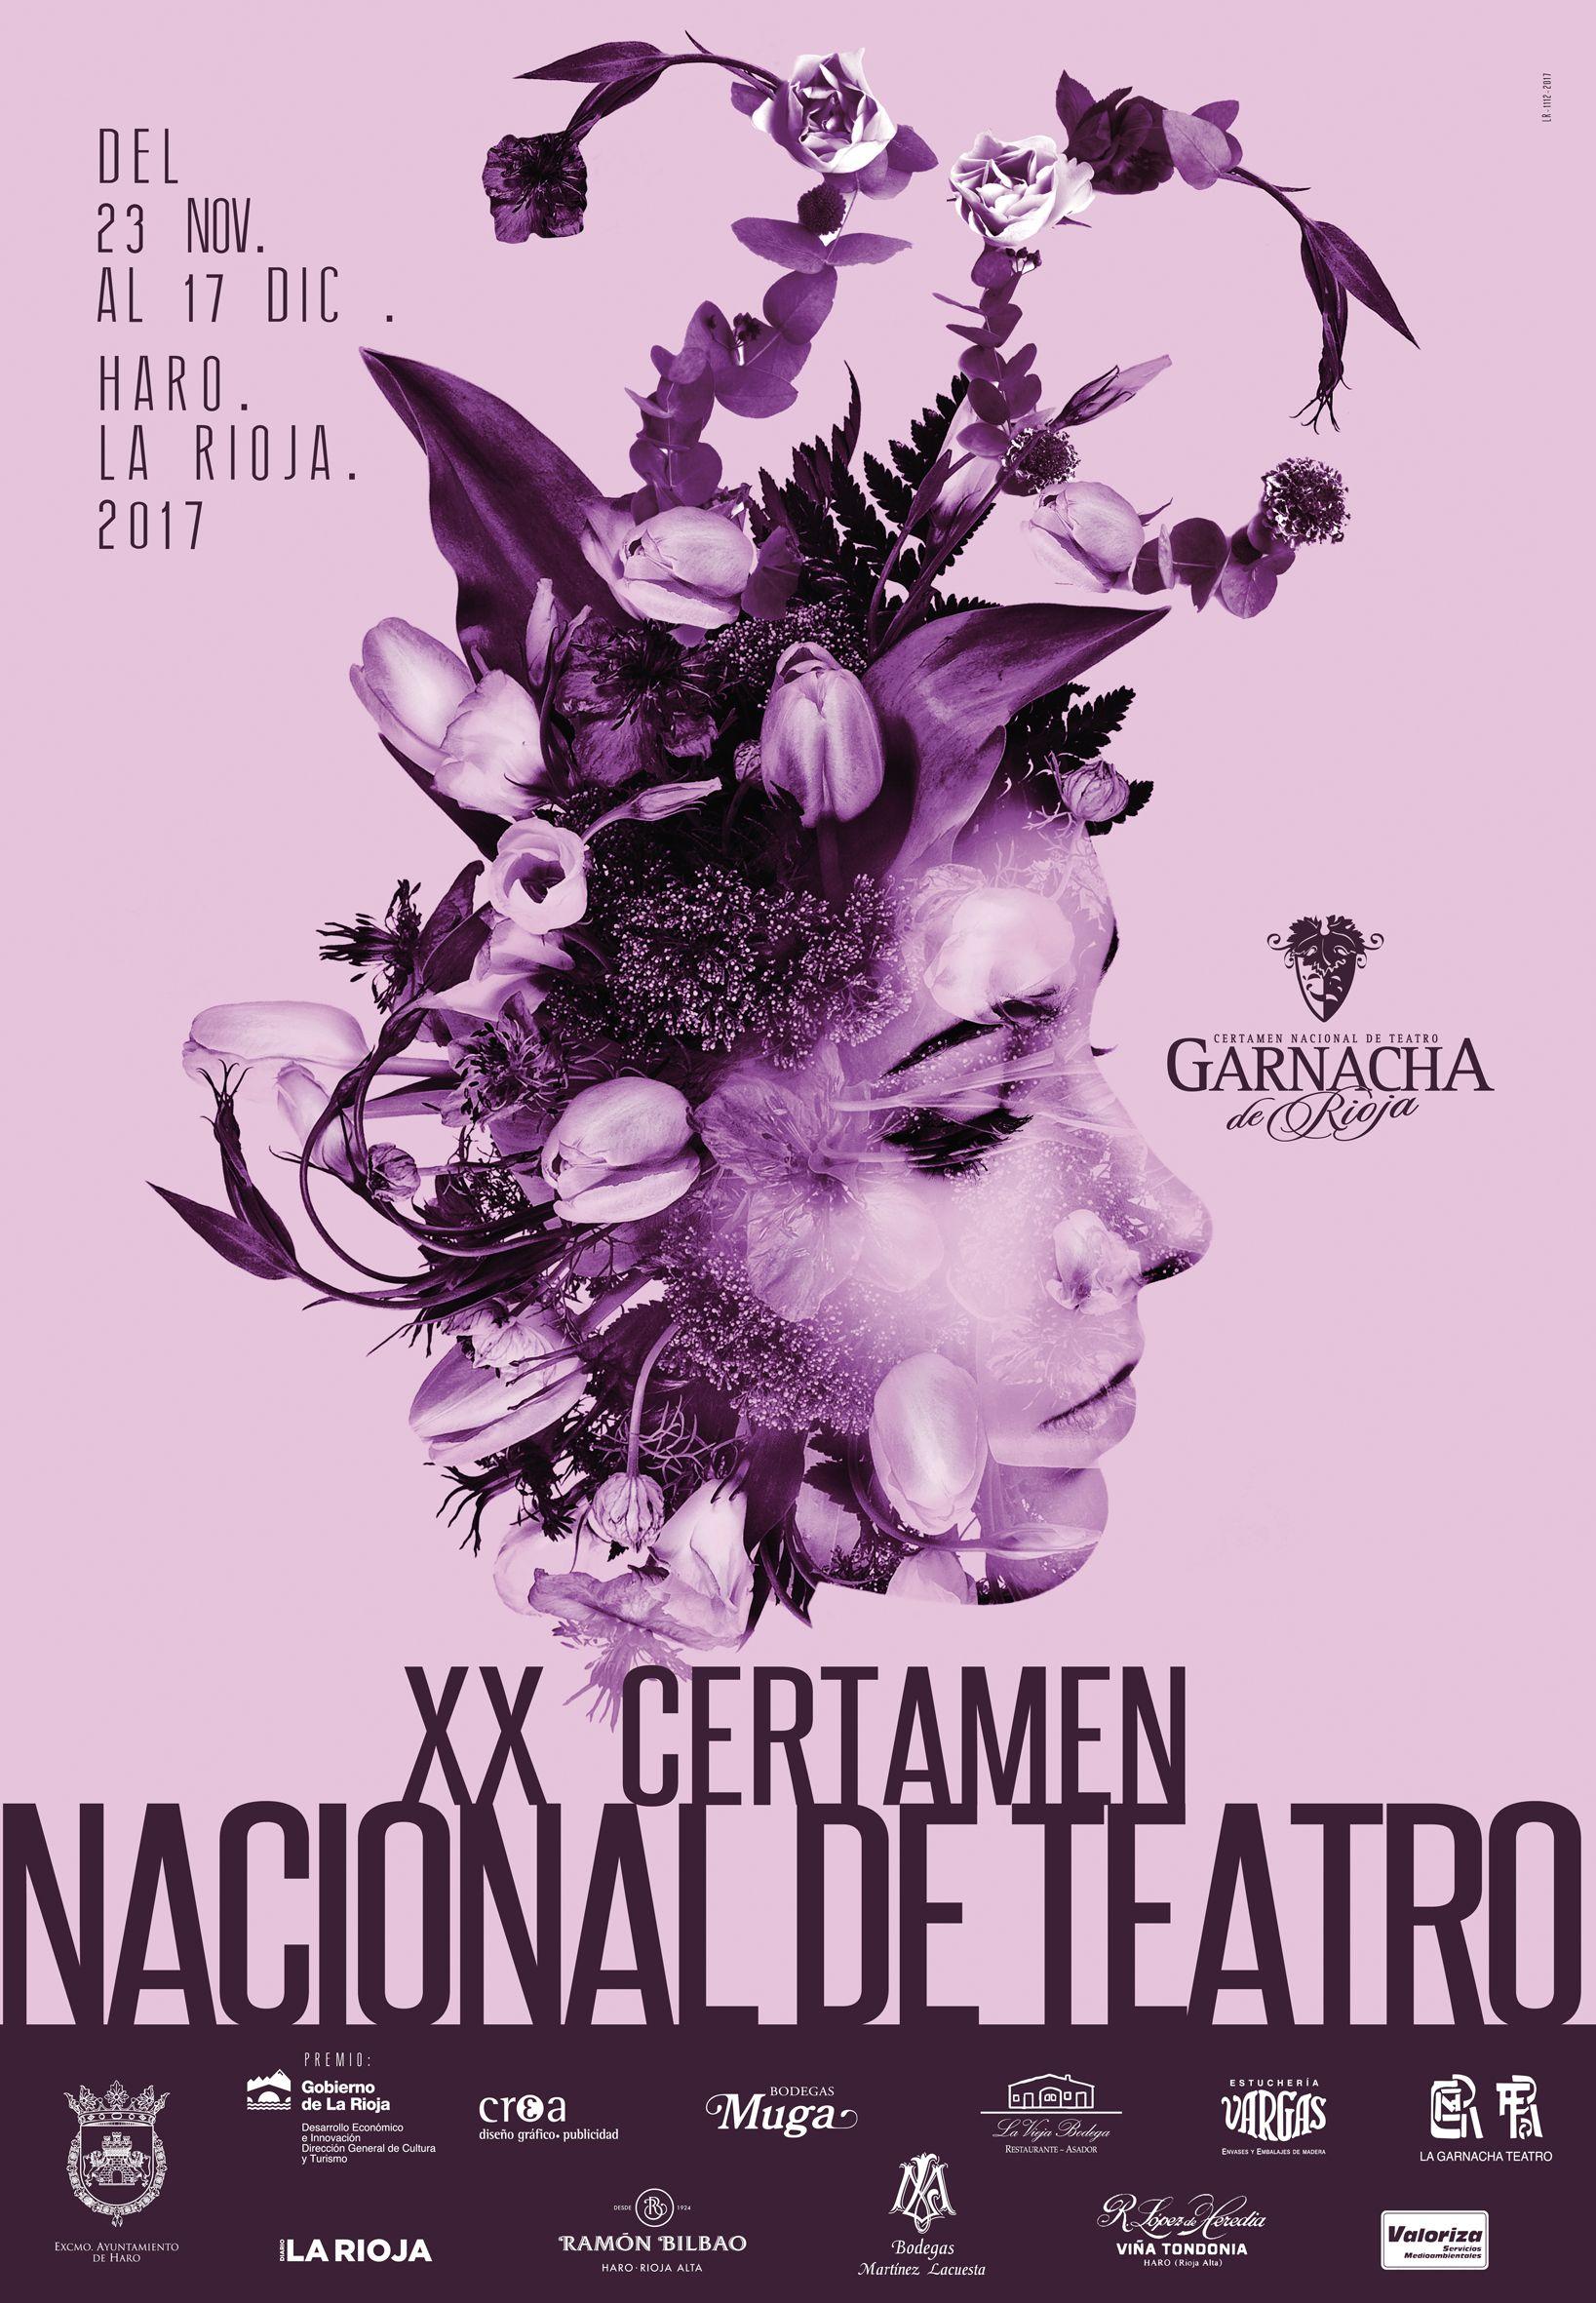 20 años de nuestro Certamen Nacional de Teatro Garnacha..